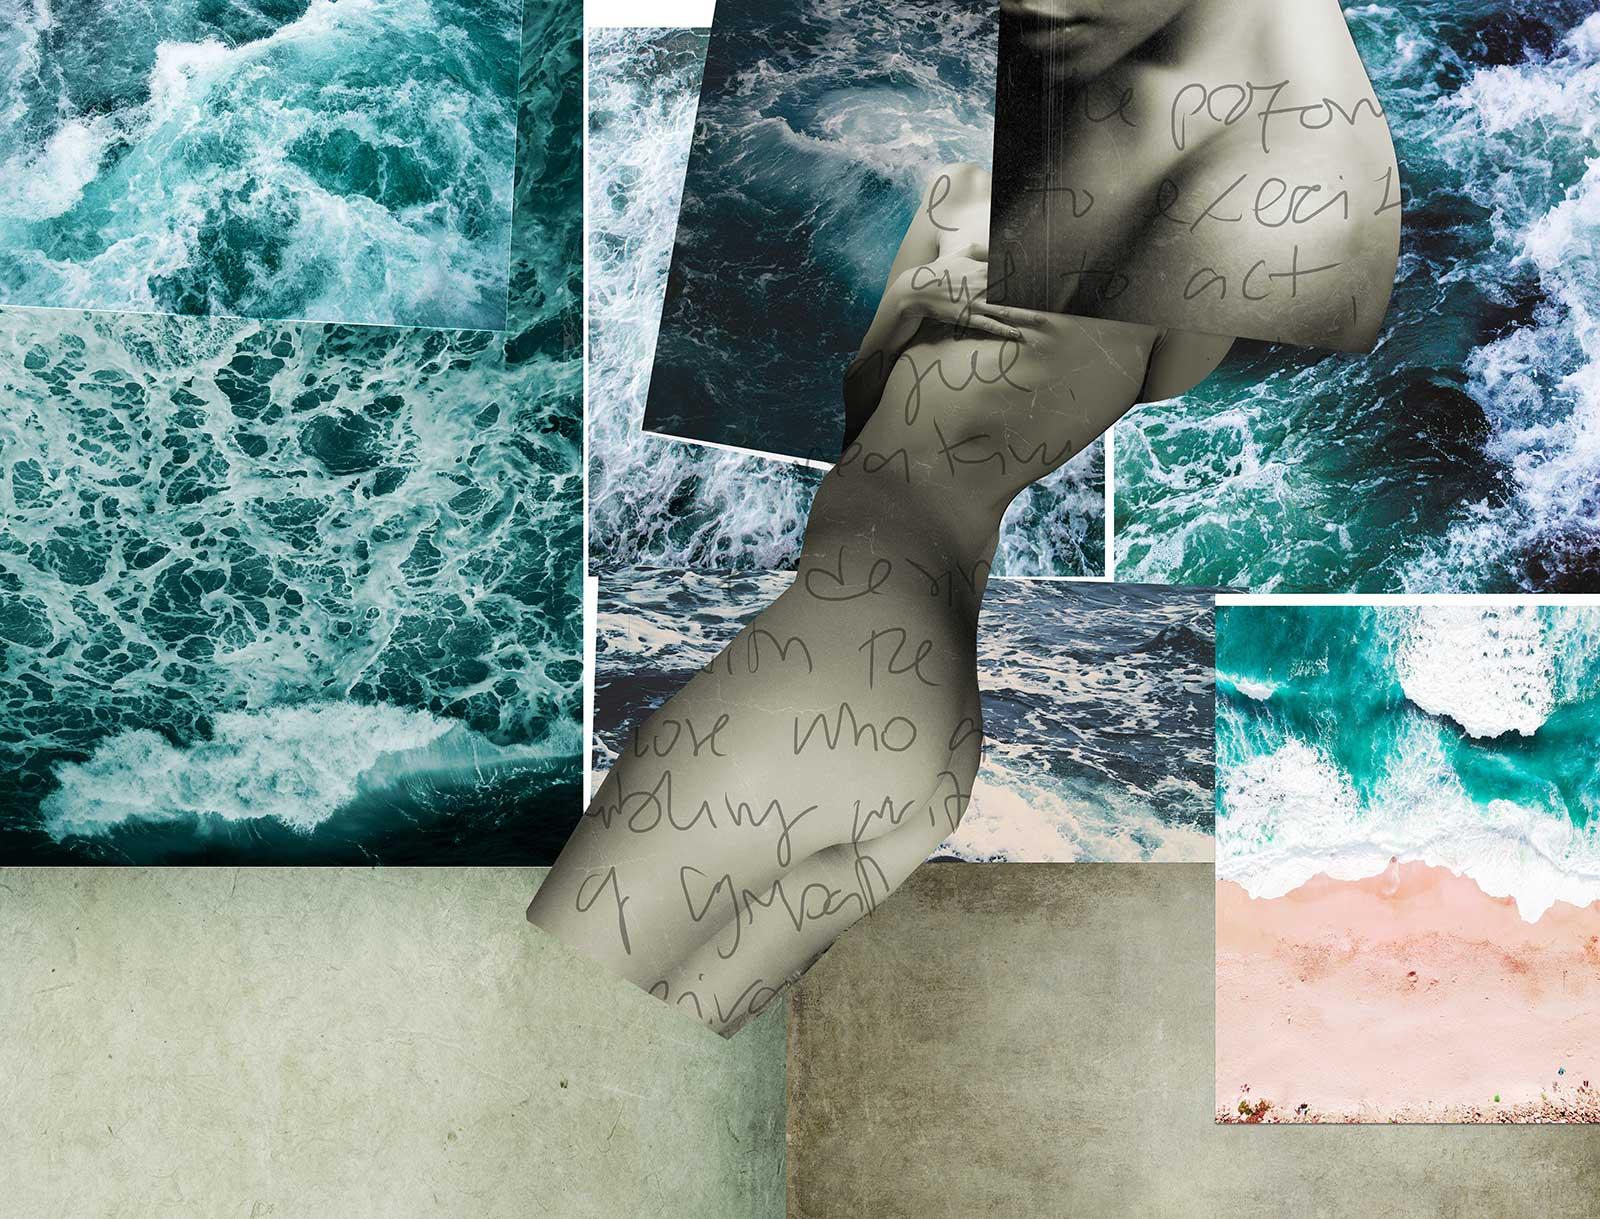 The Waves of Virginia Woolf